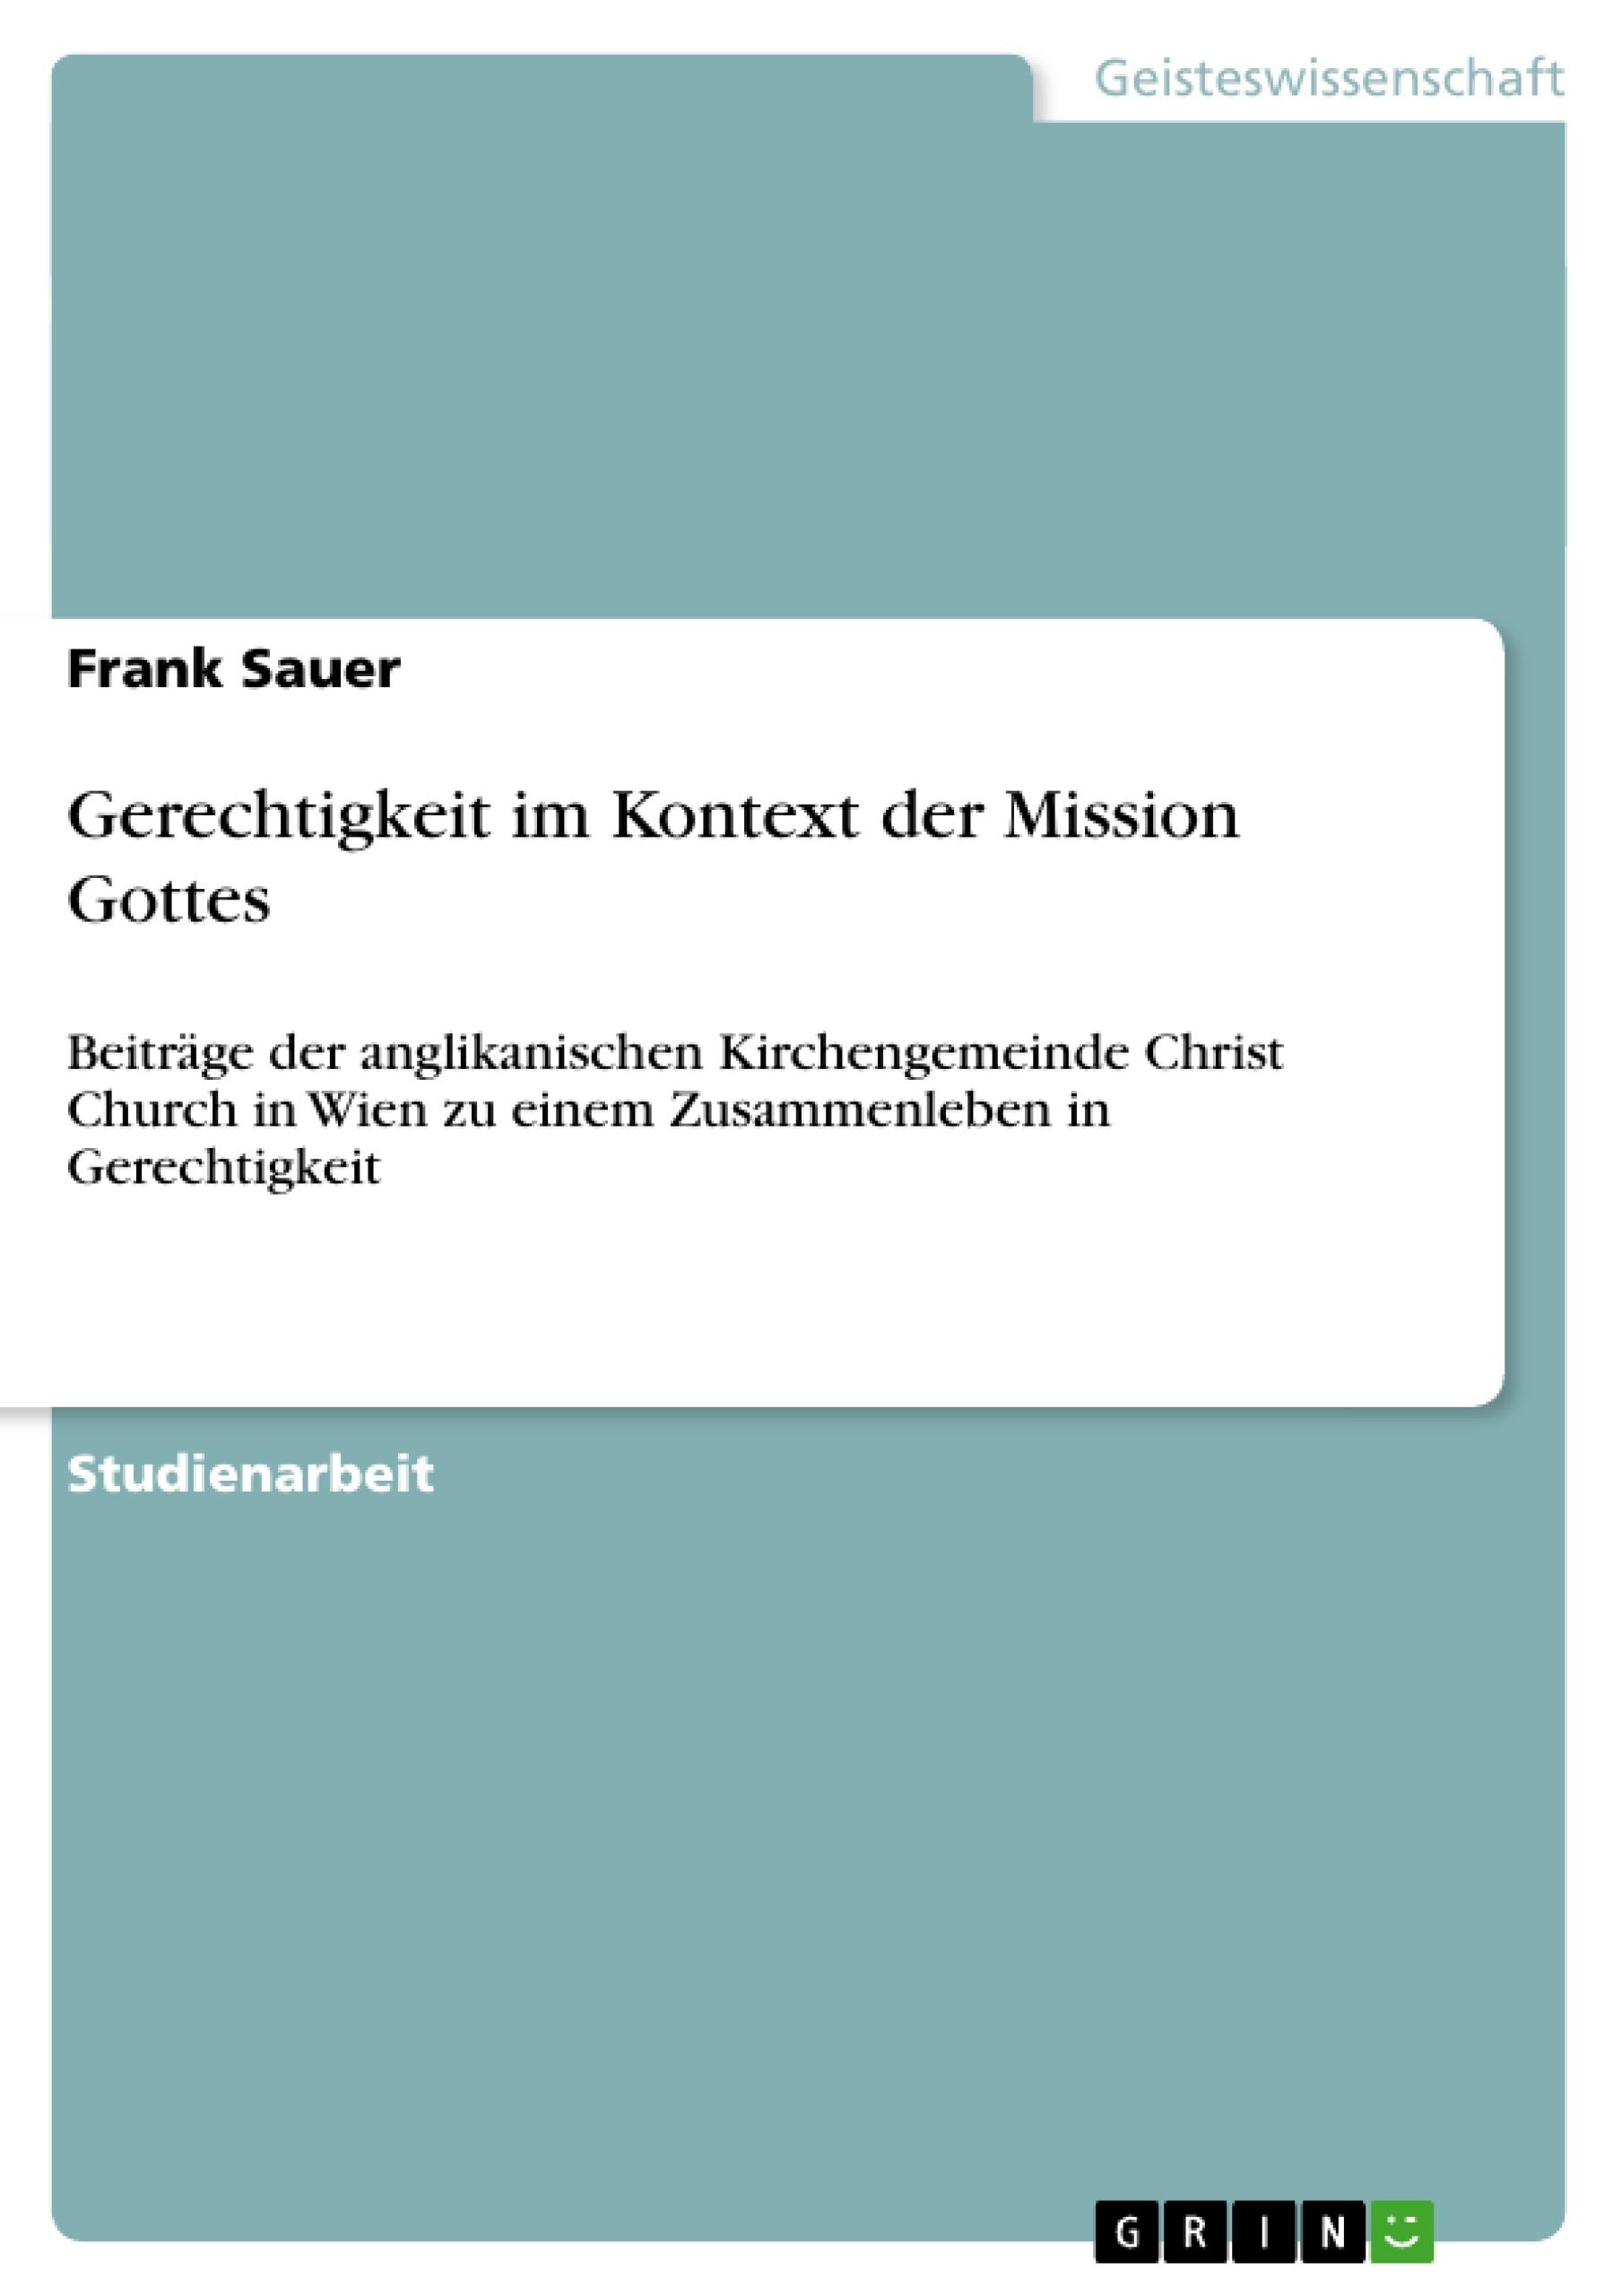 Titel: Gerechtigkeit im Kontext der Mission Gottes